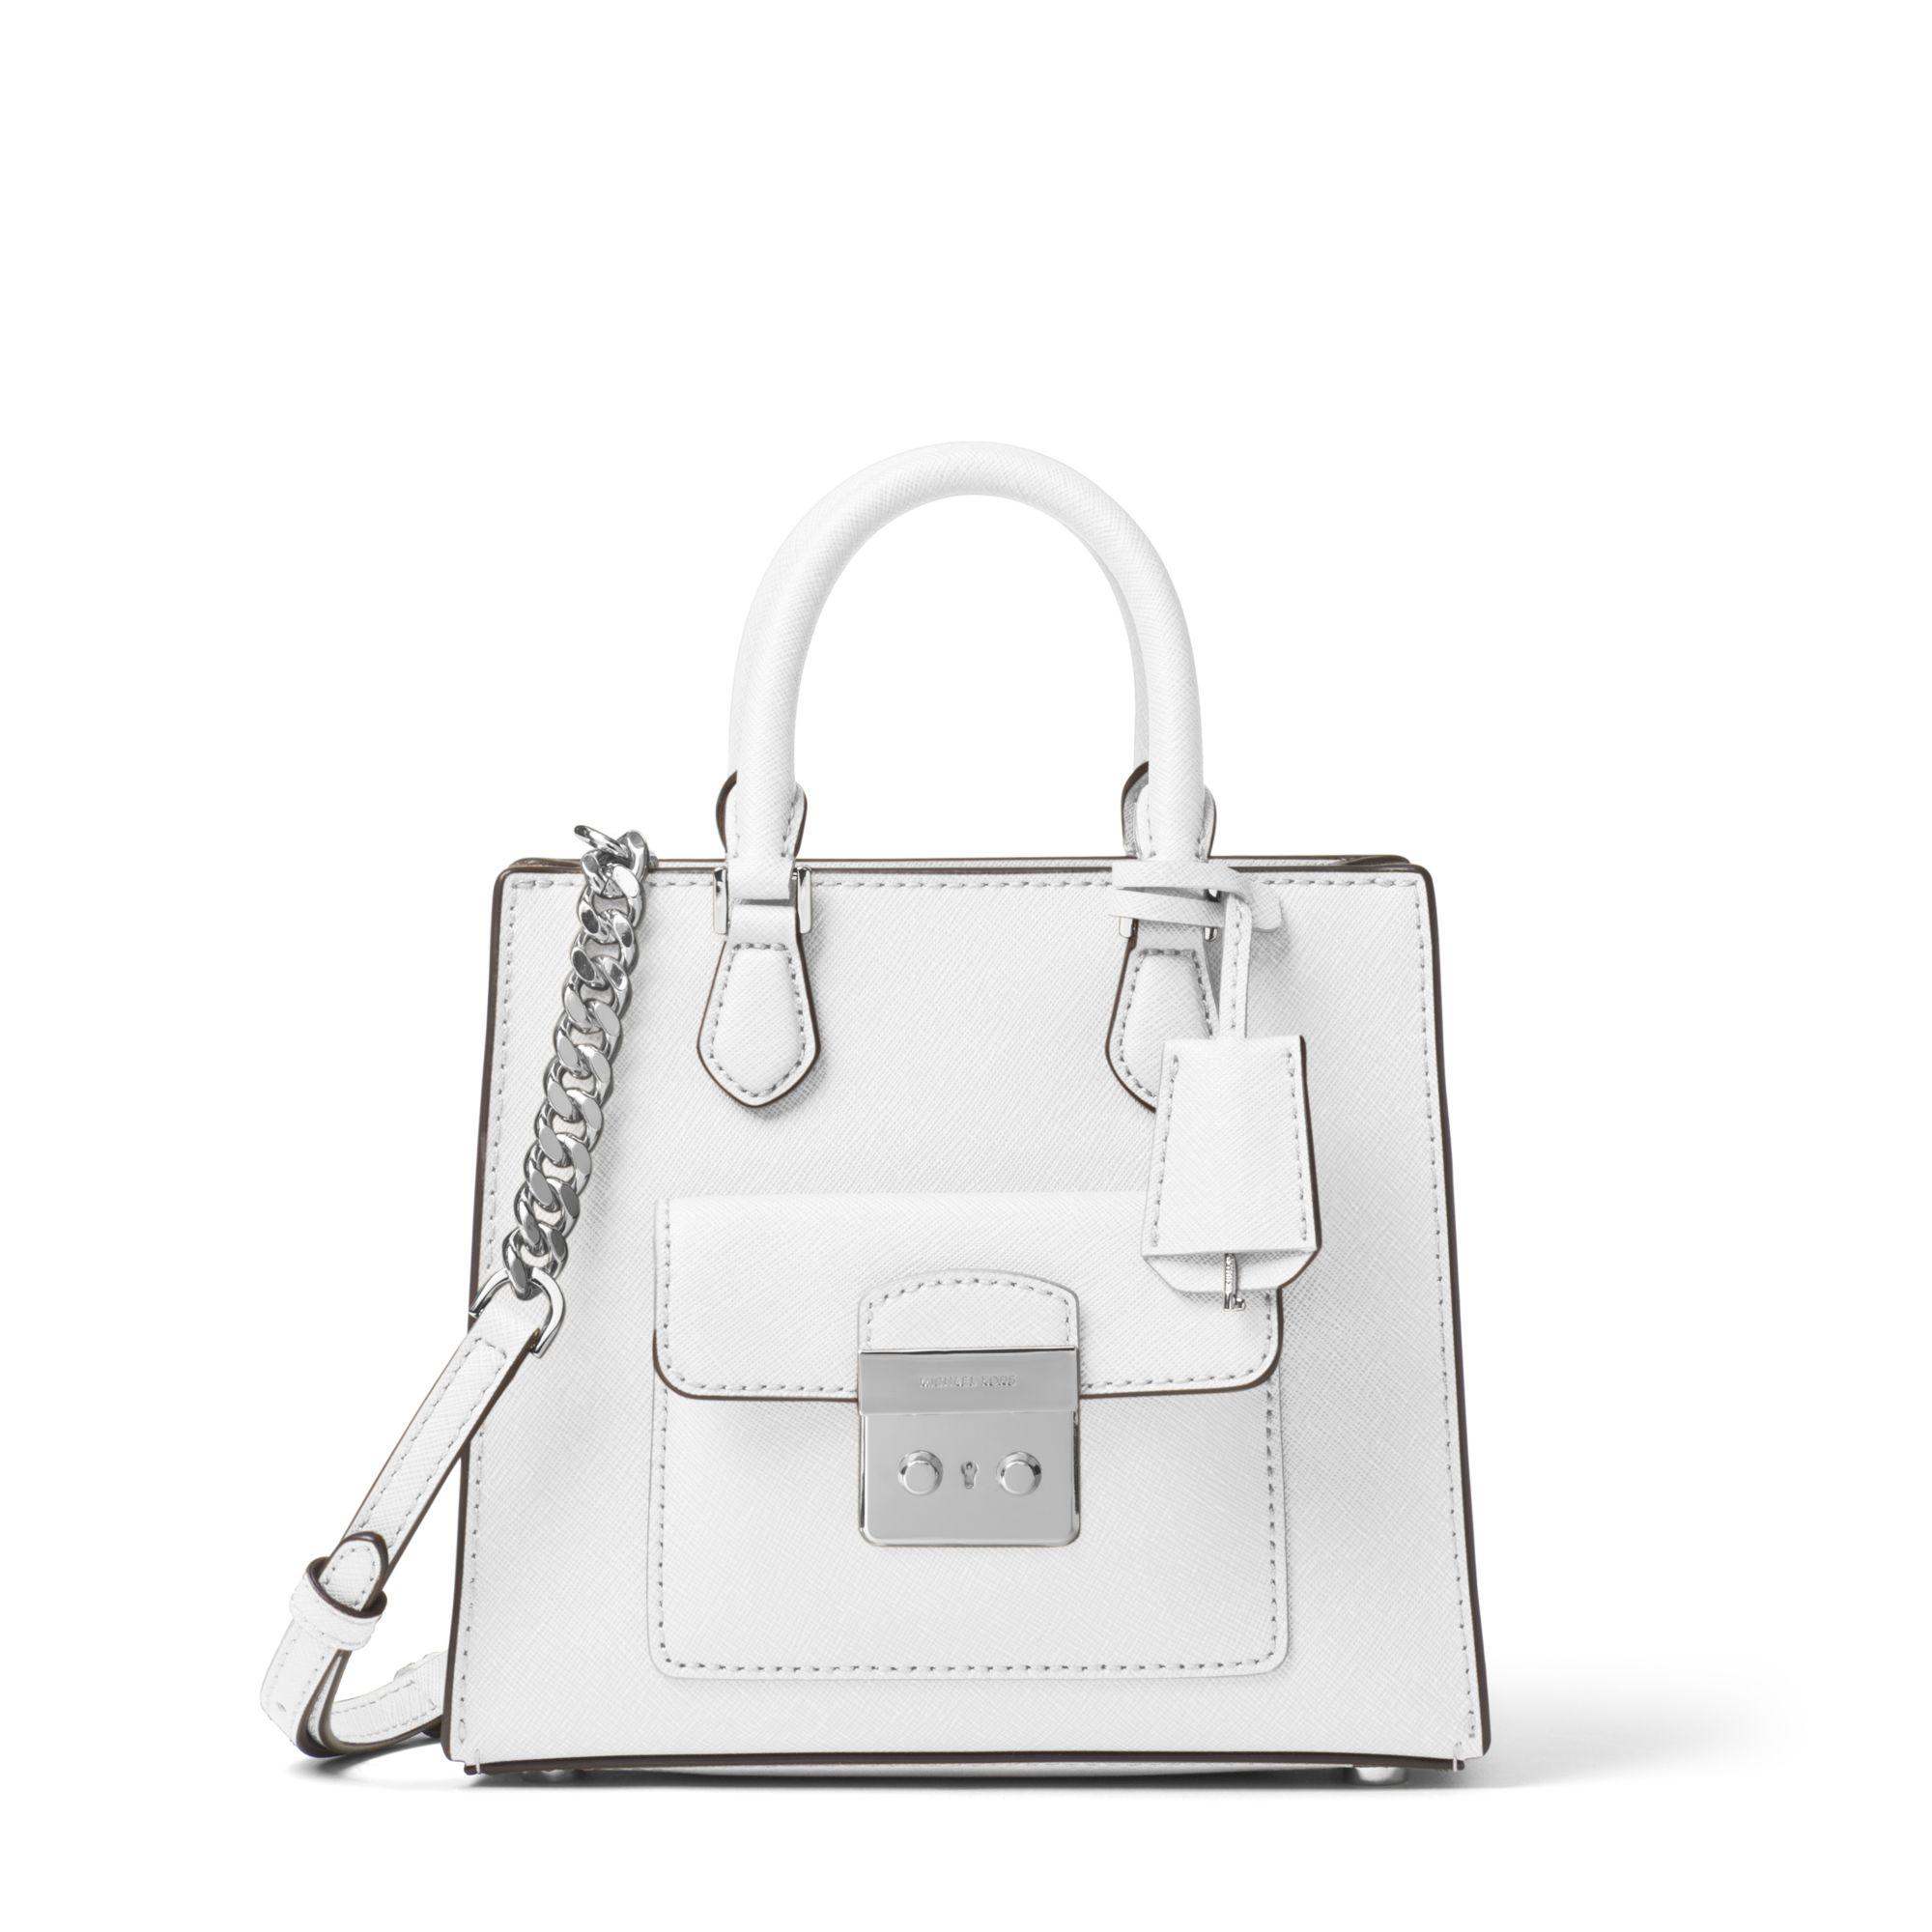 22395c193750 Michael Kors Bridgette Small Saffiano Leather Crossbody Bag in White ...